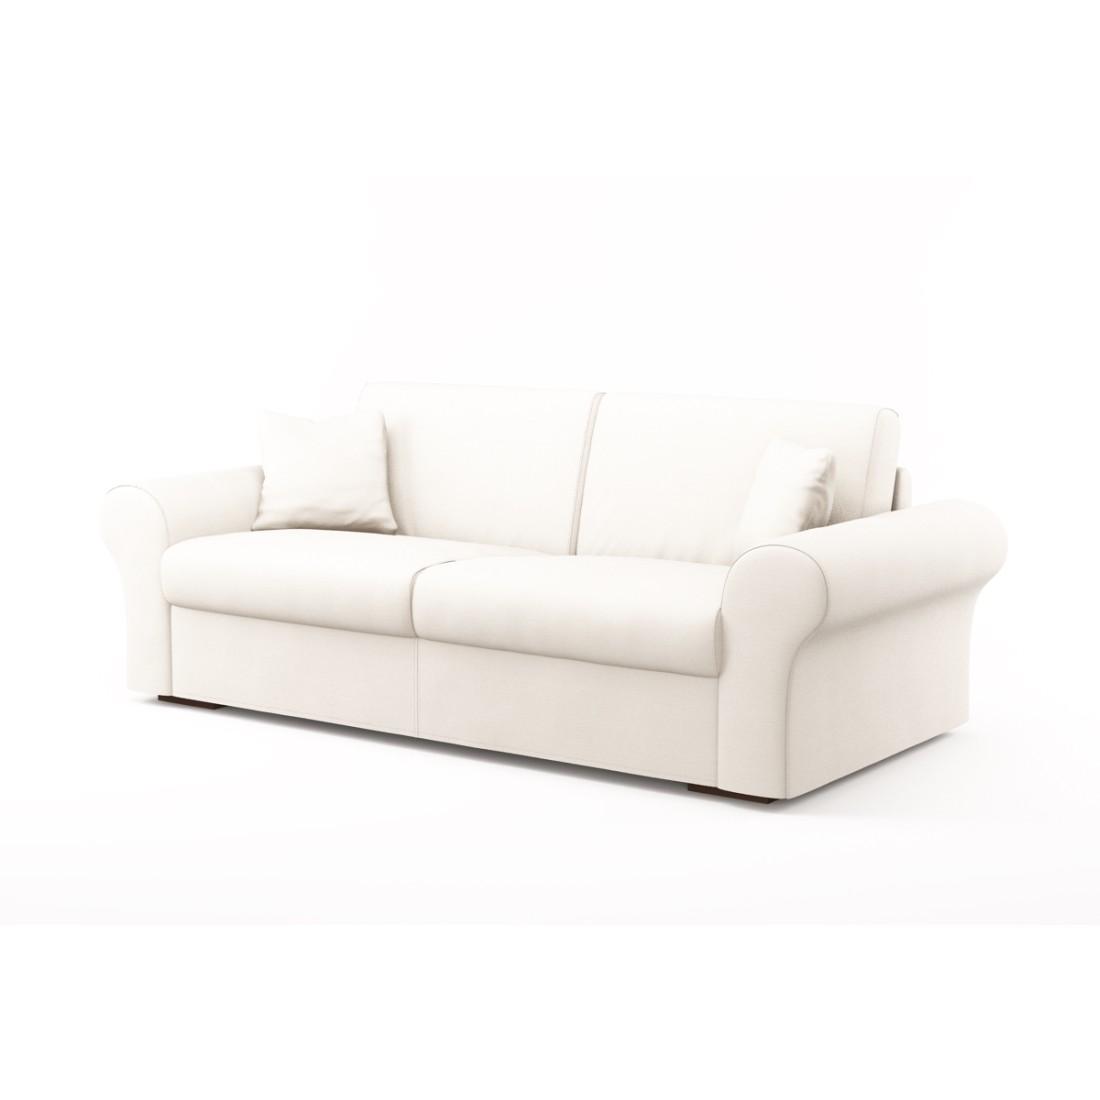 Schlafsofa Novo (3-Sitzer) – Cielo Vip 5 248 (Antikweiß), Von Wilmowsky kaufen